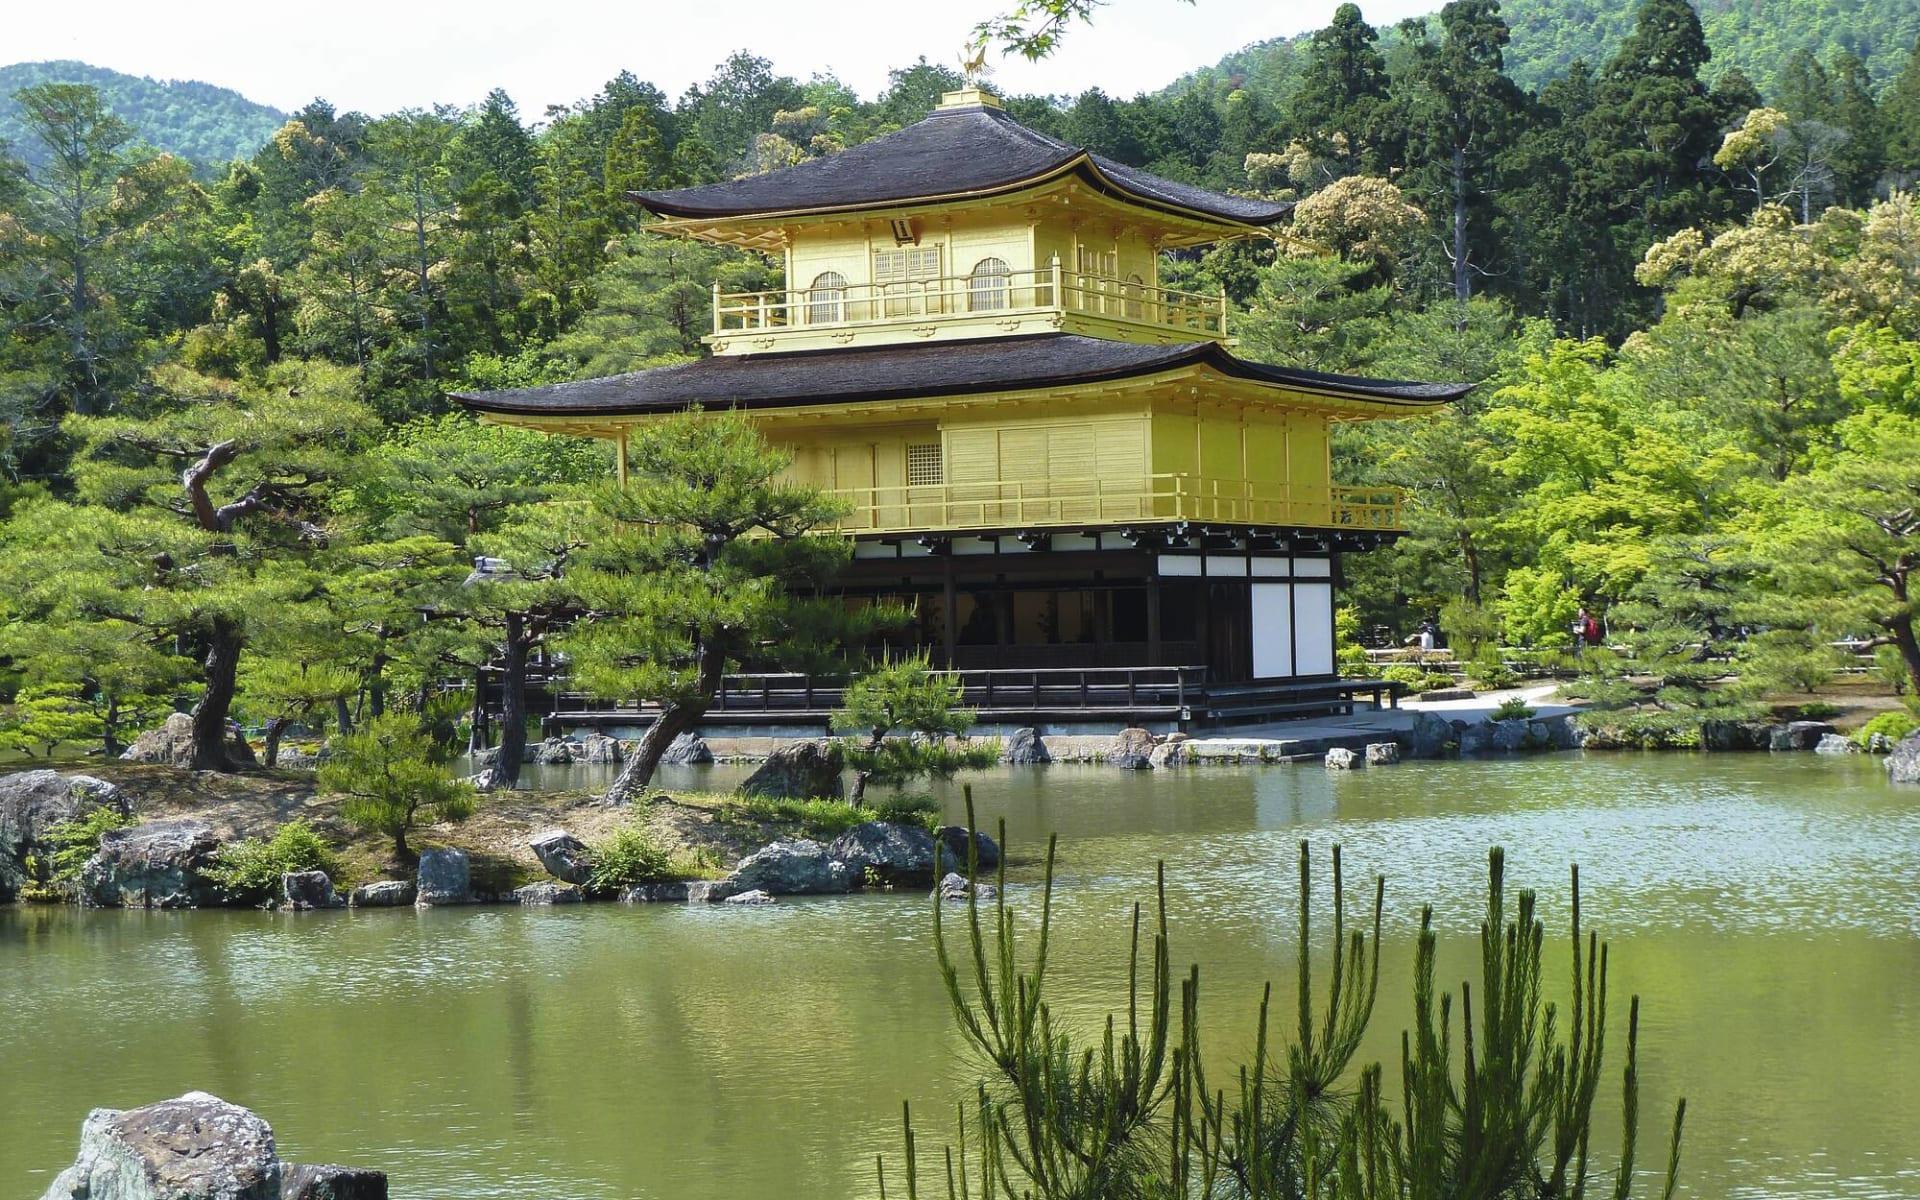 Leserreise Luzerner Zeitung / Reise ins Land der aufgehenden Sonne ab Tokio: Japan